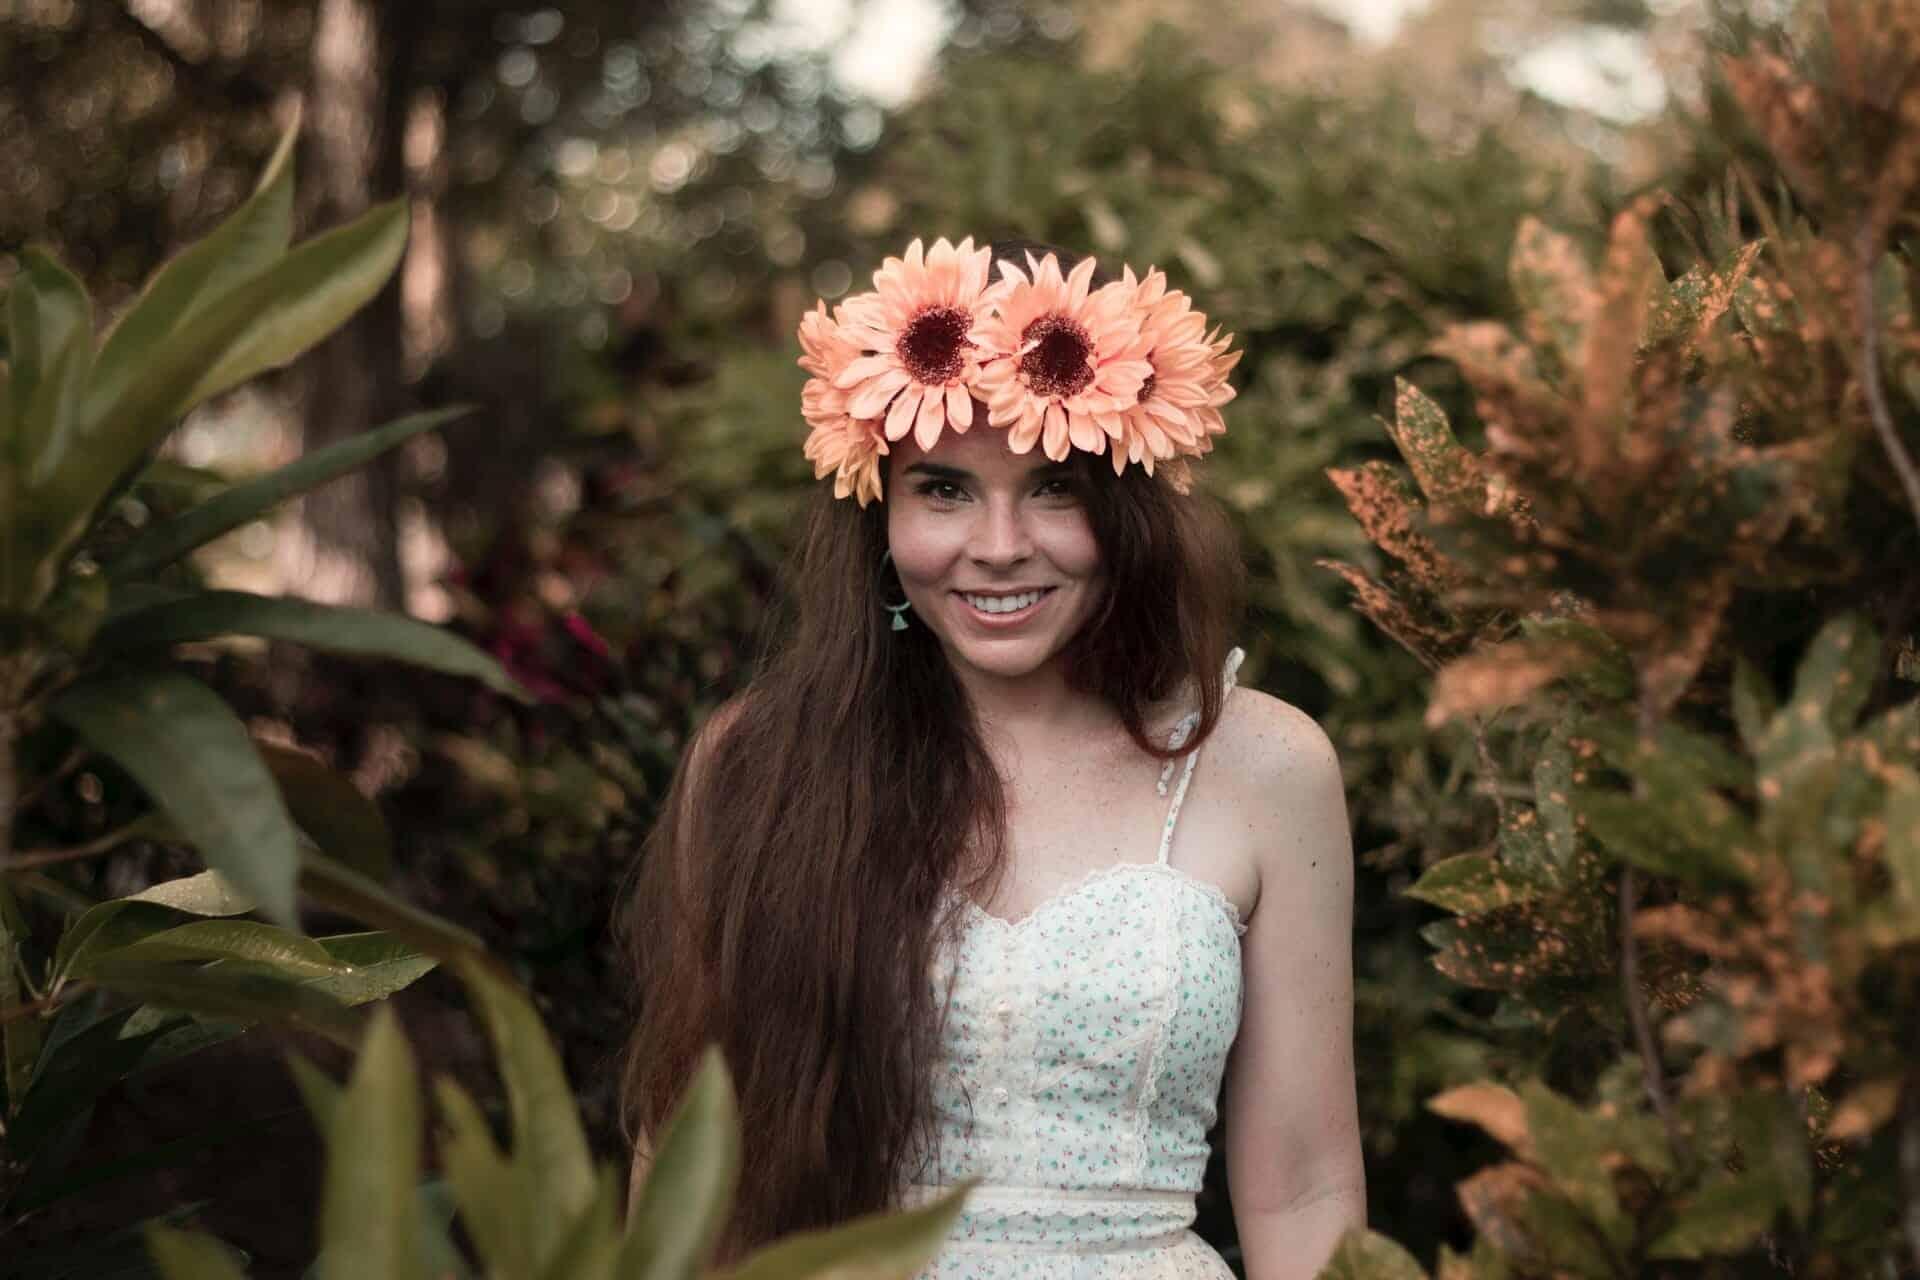 Wedding-flower-crown Jpg